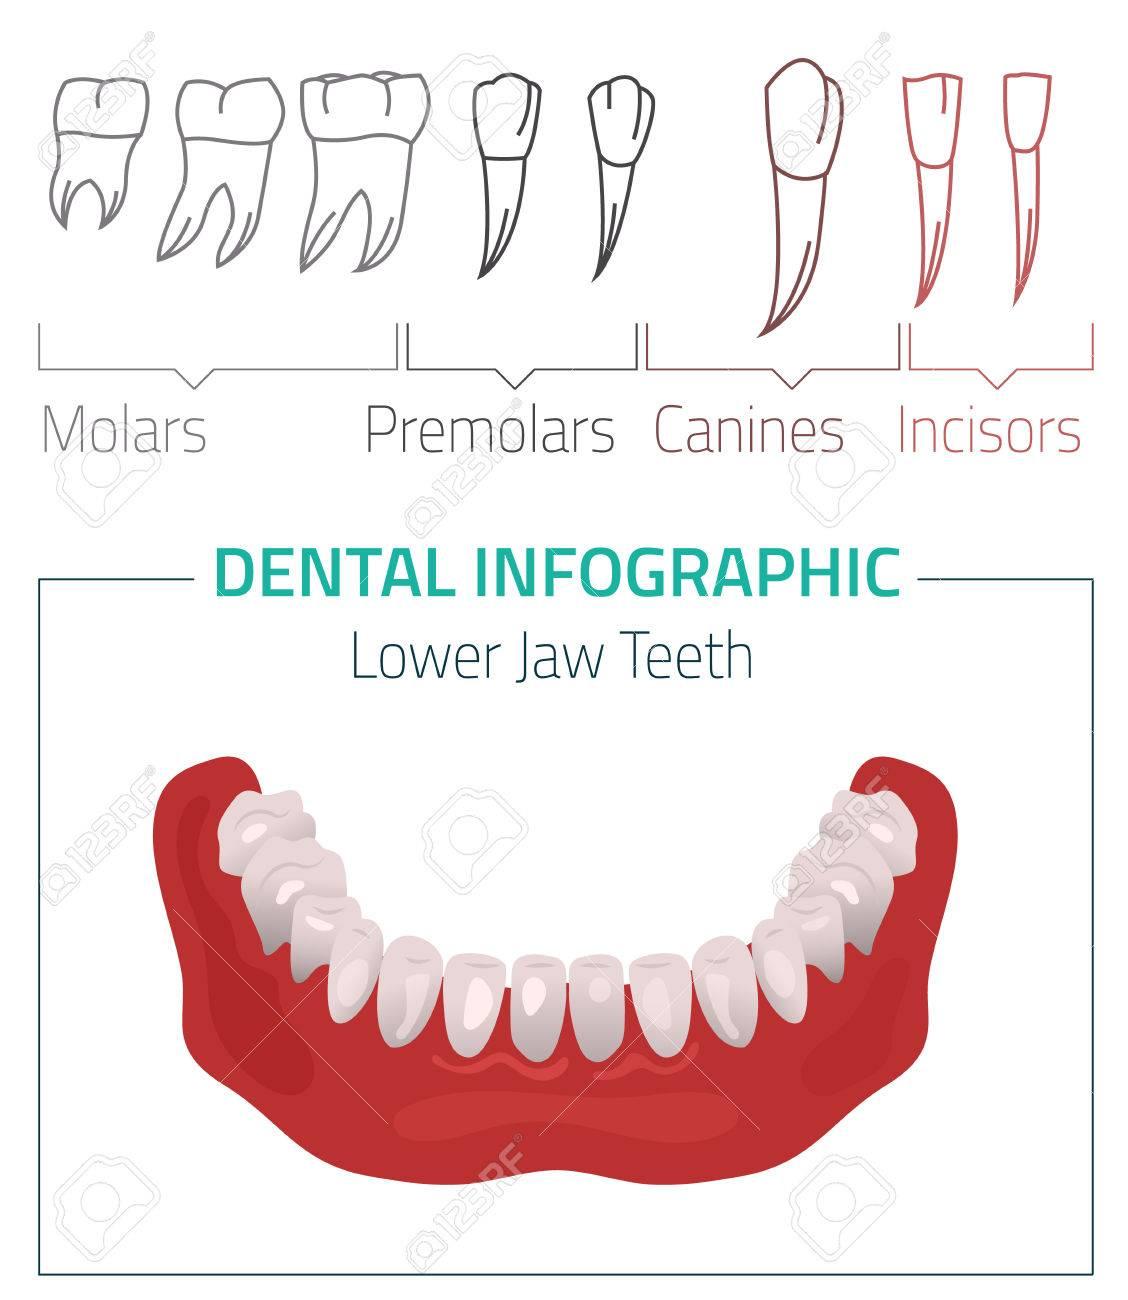 Los Dientes Humanos Infografía Dental. Ilustración Editable Con Los ...